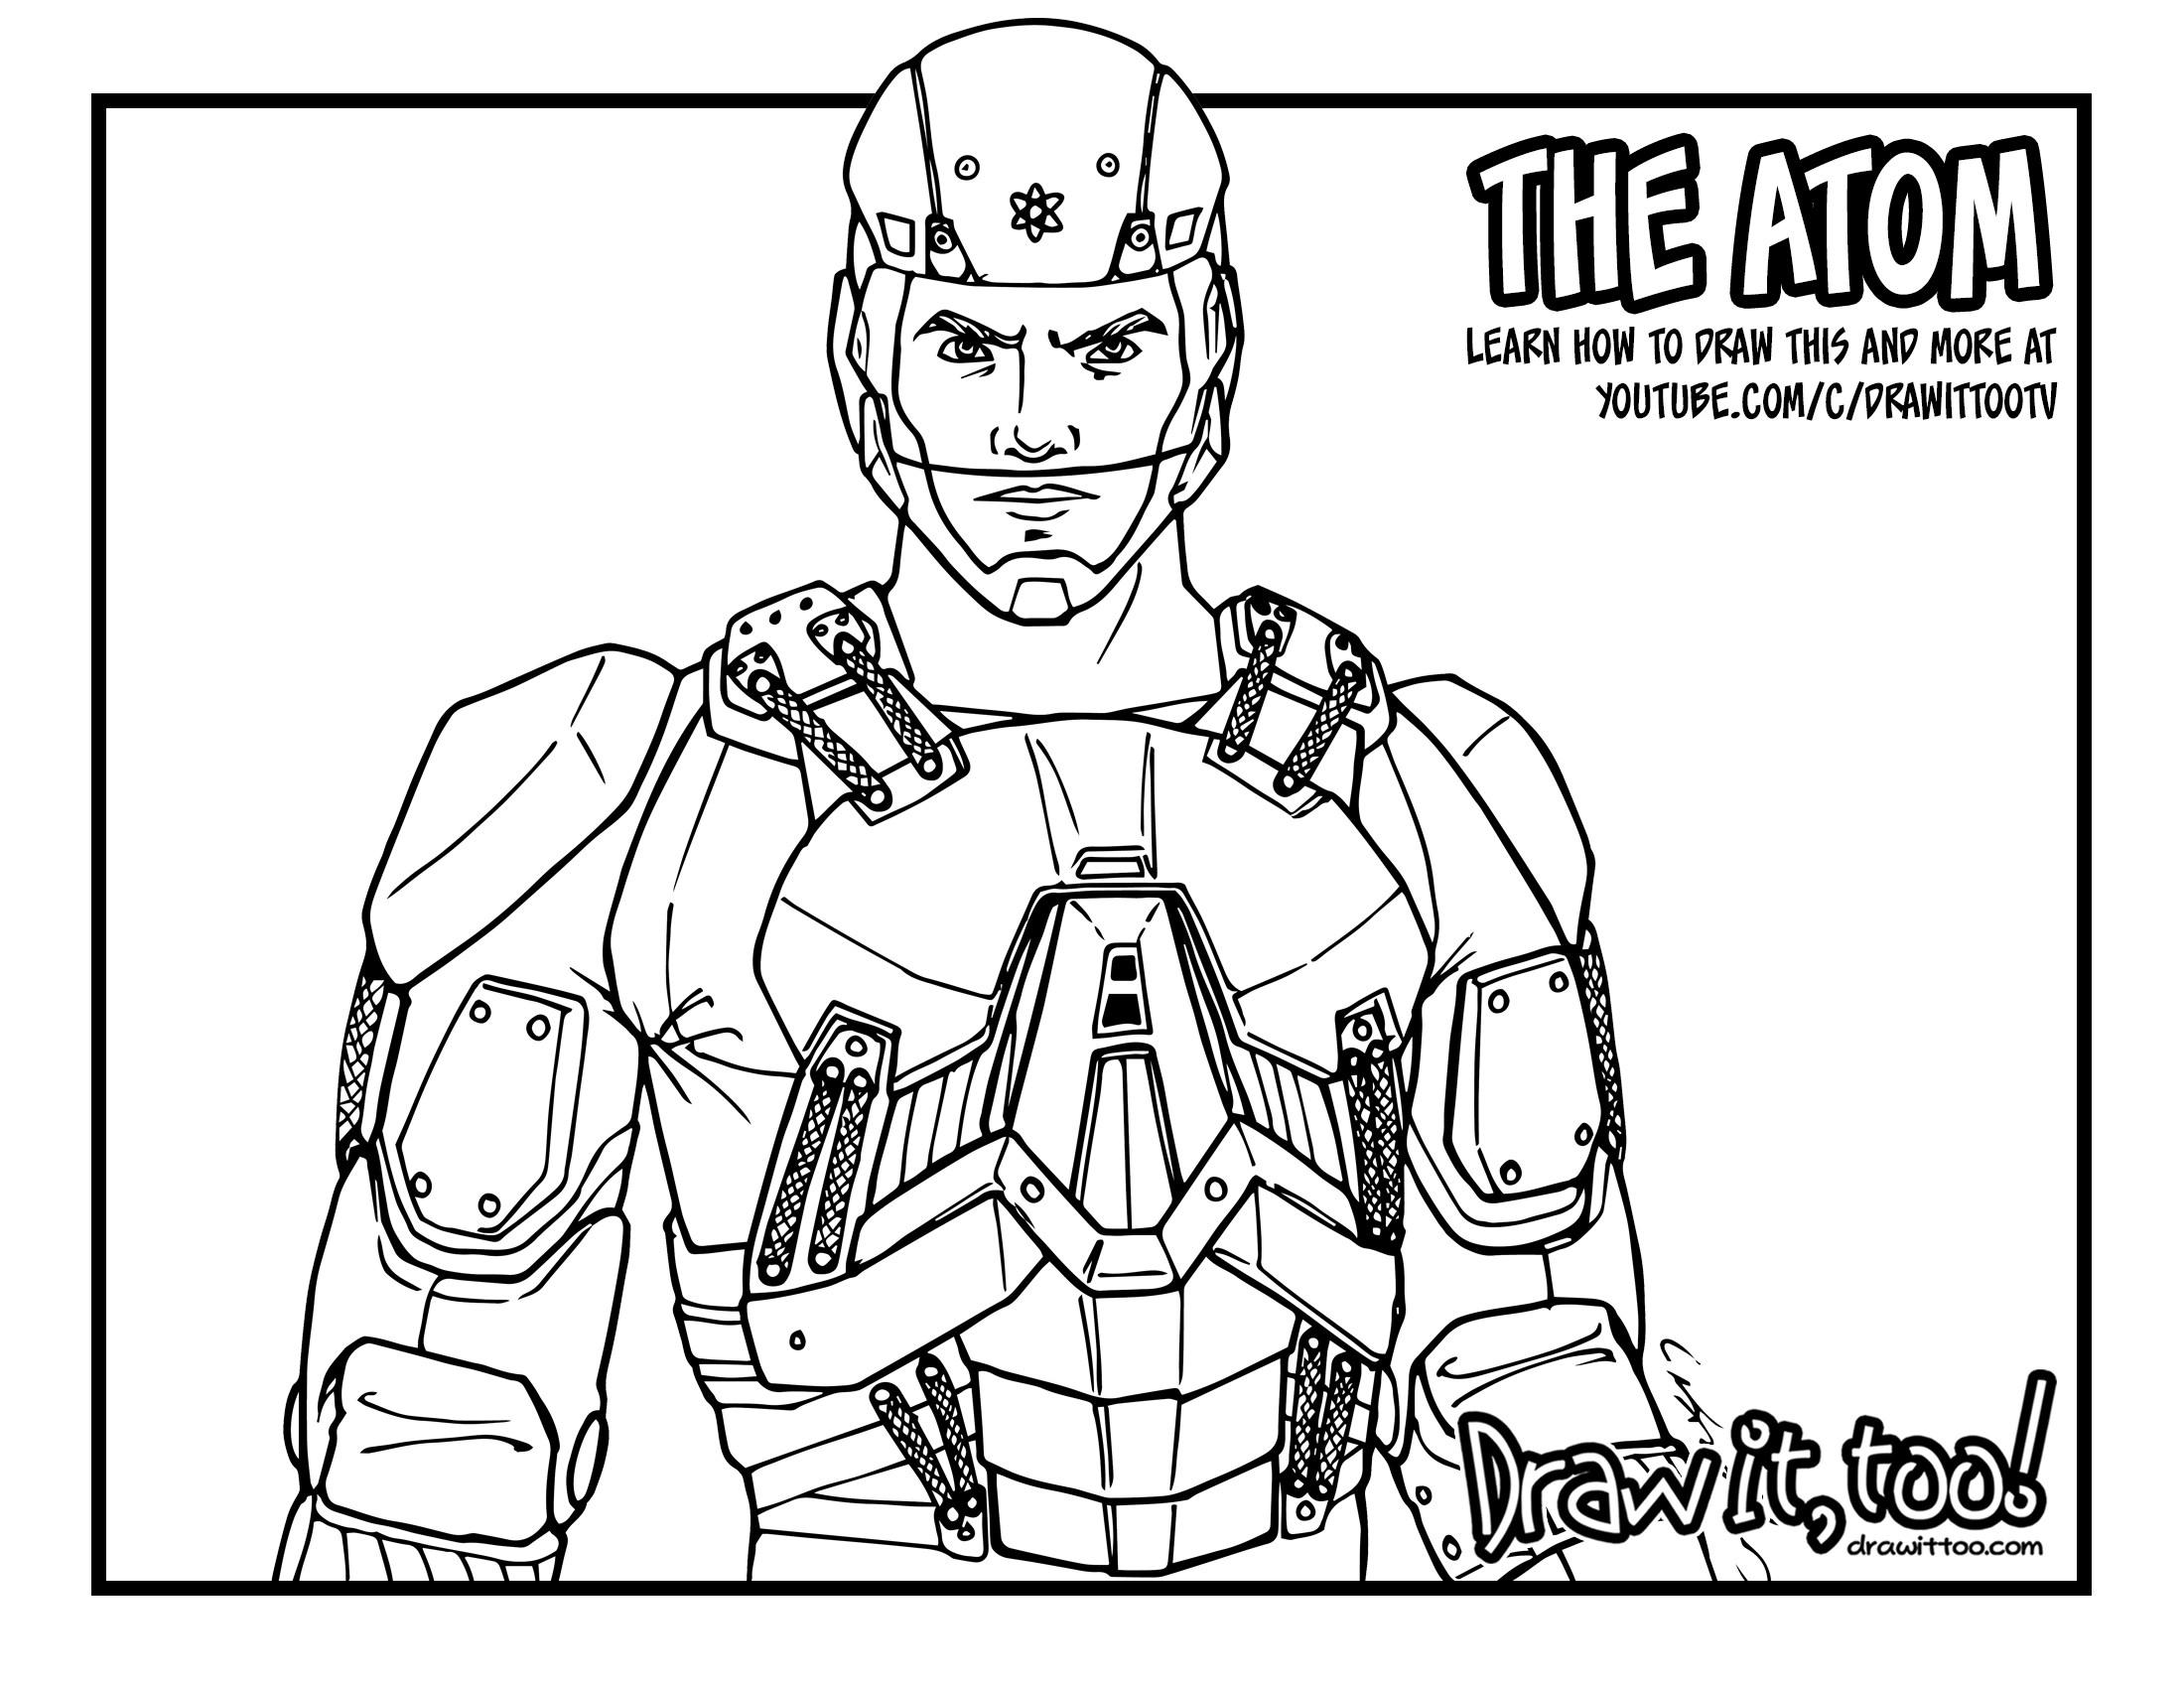 2200x1700 The Atom